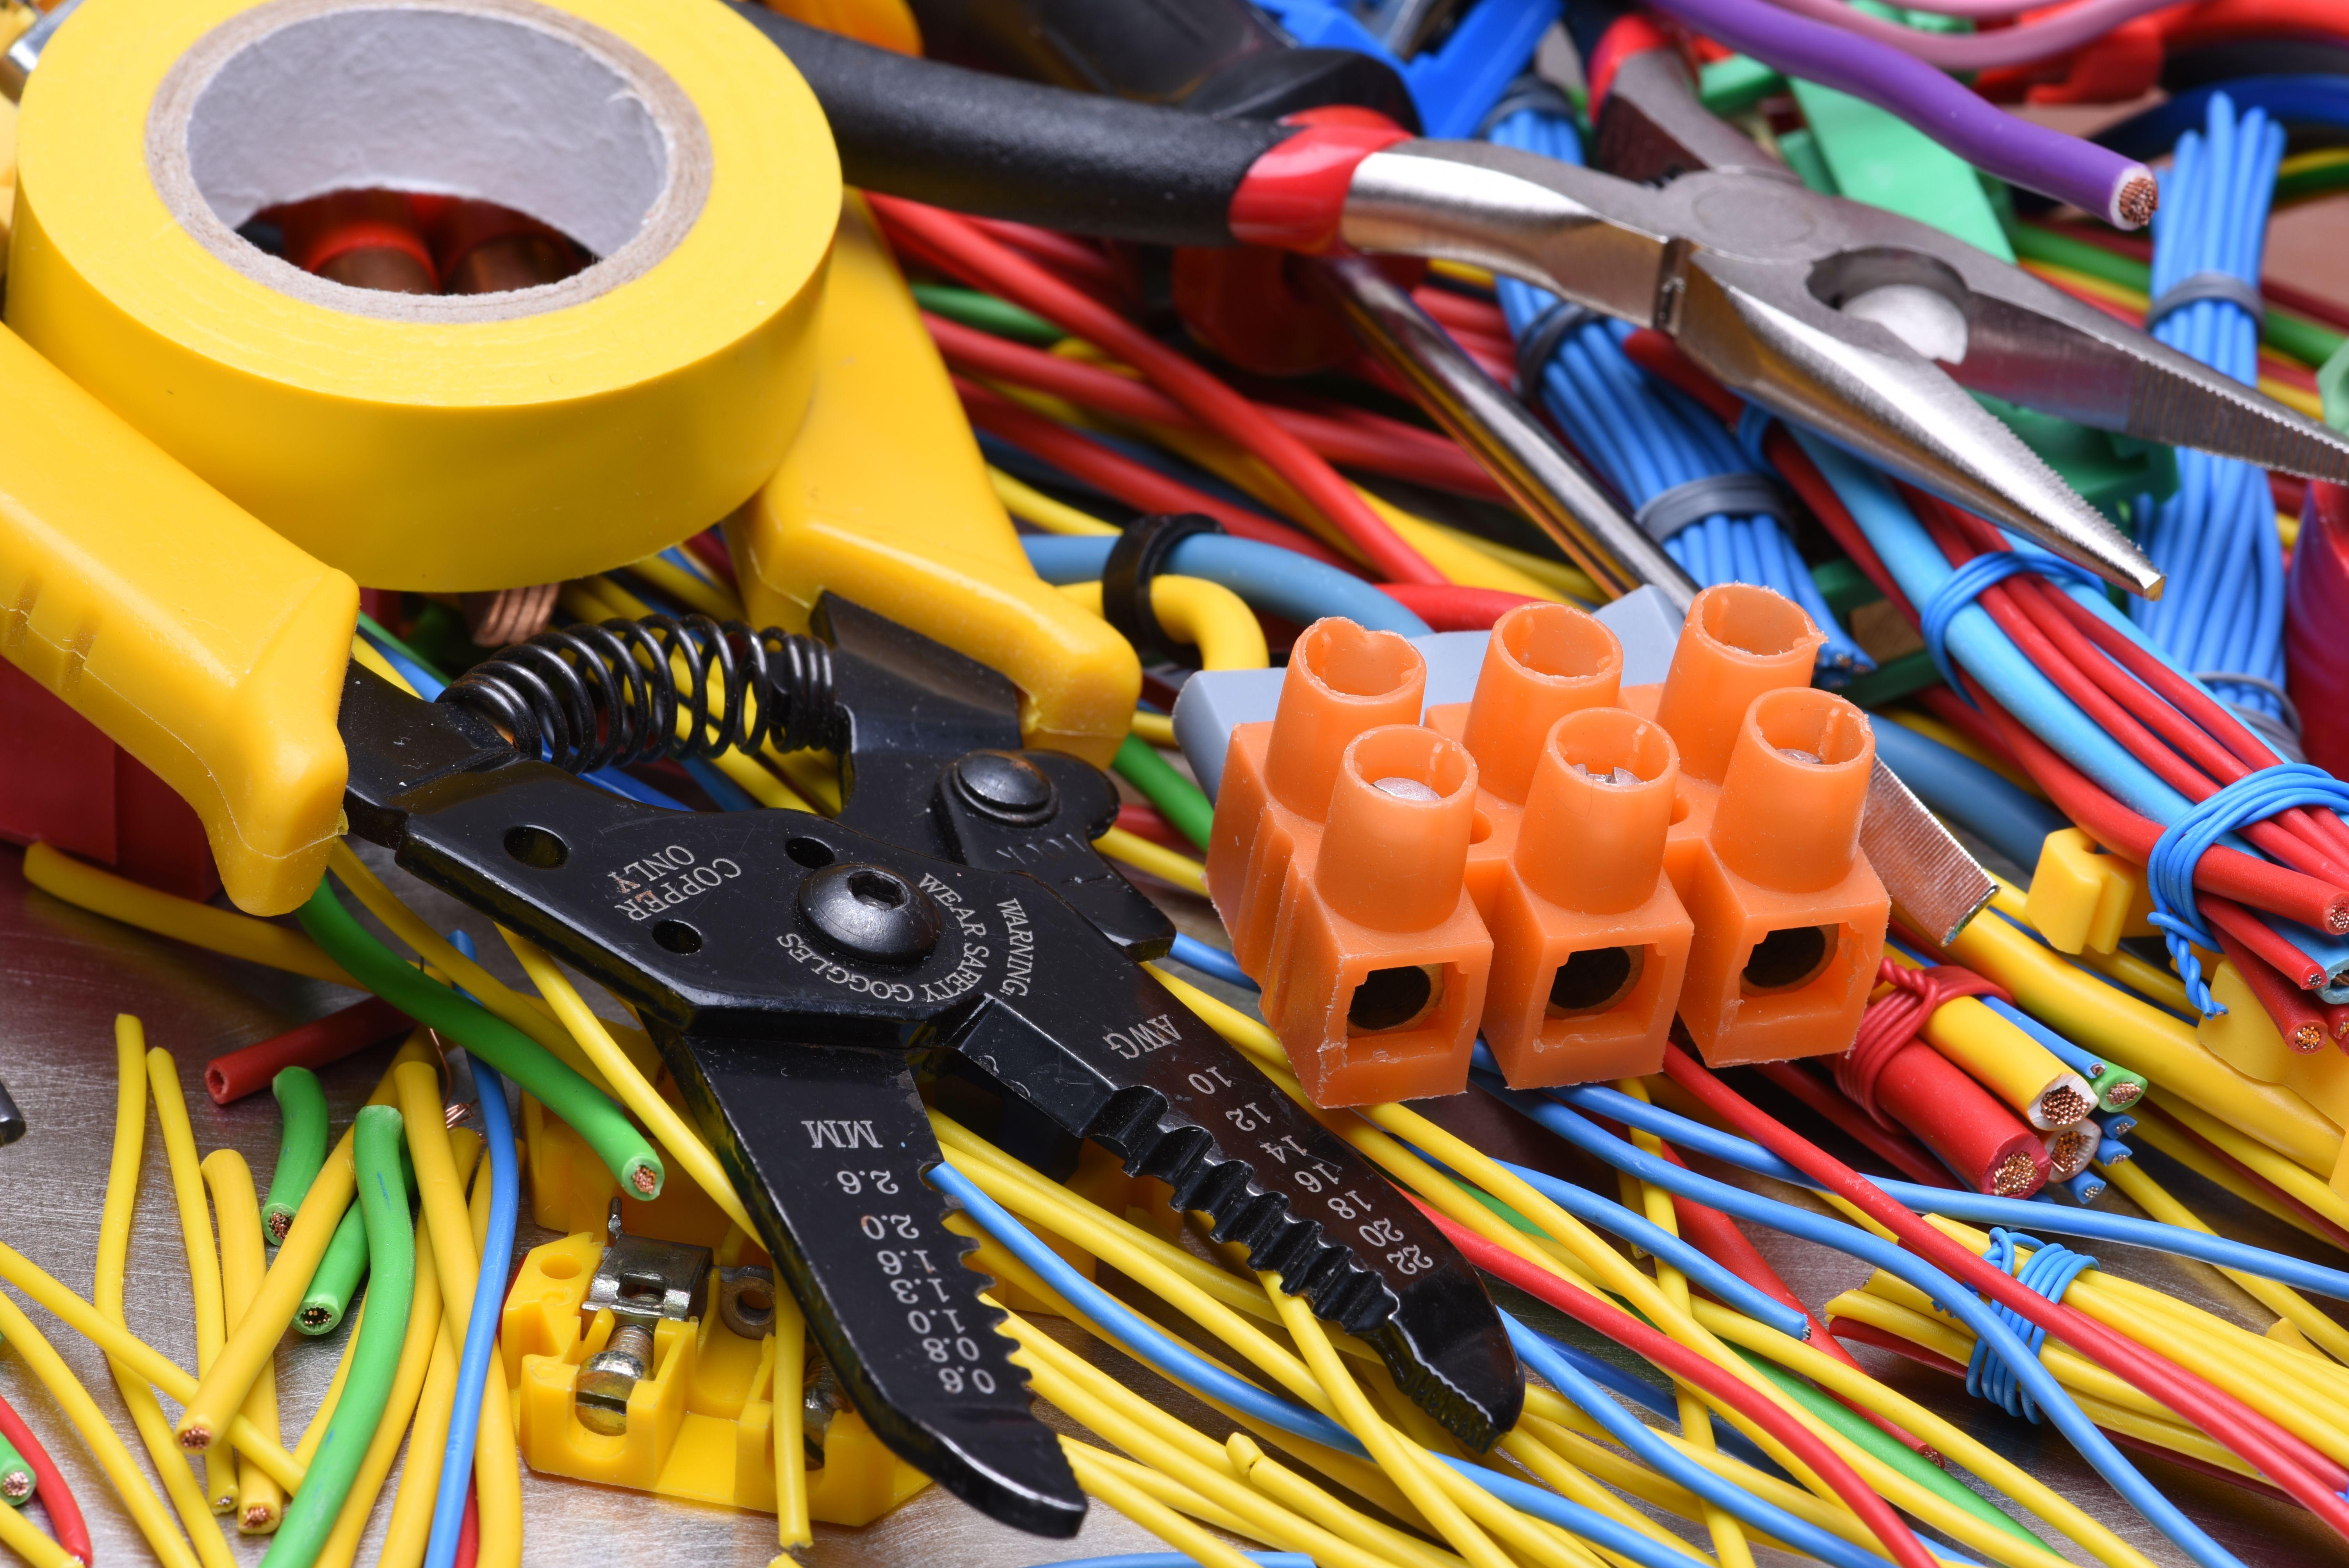 Venta y suministro de material eléctrico en Manresa